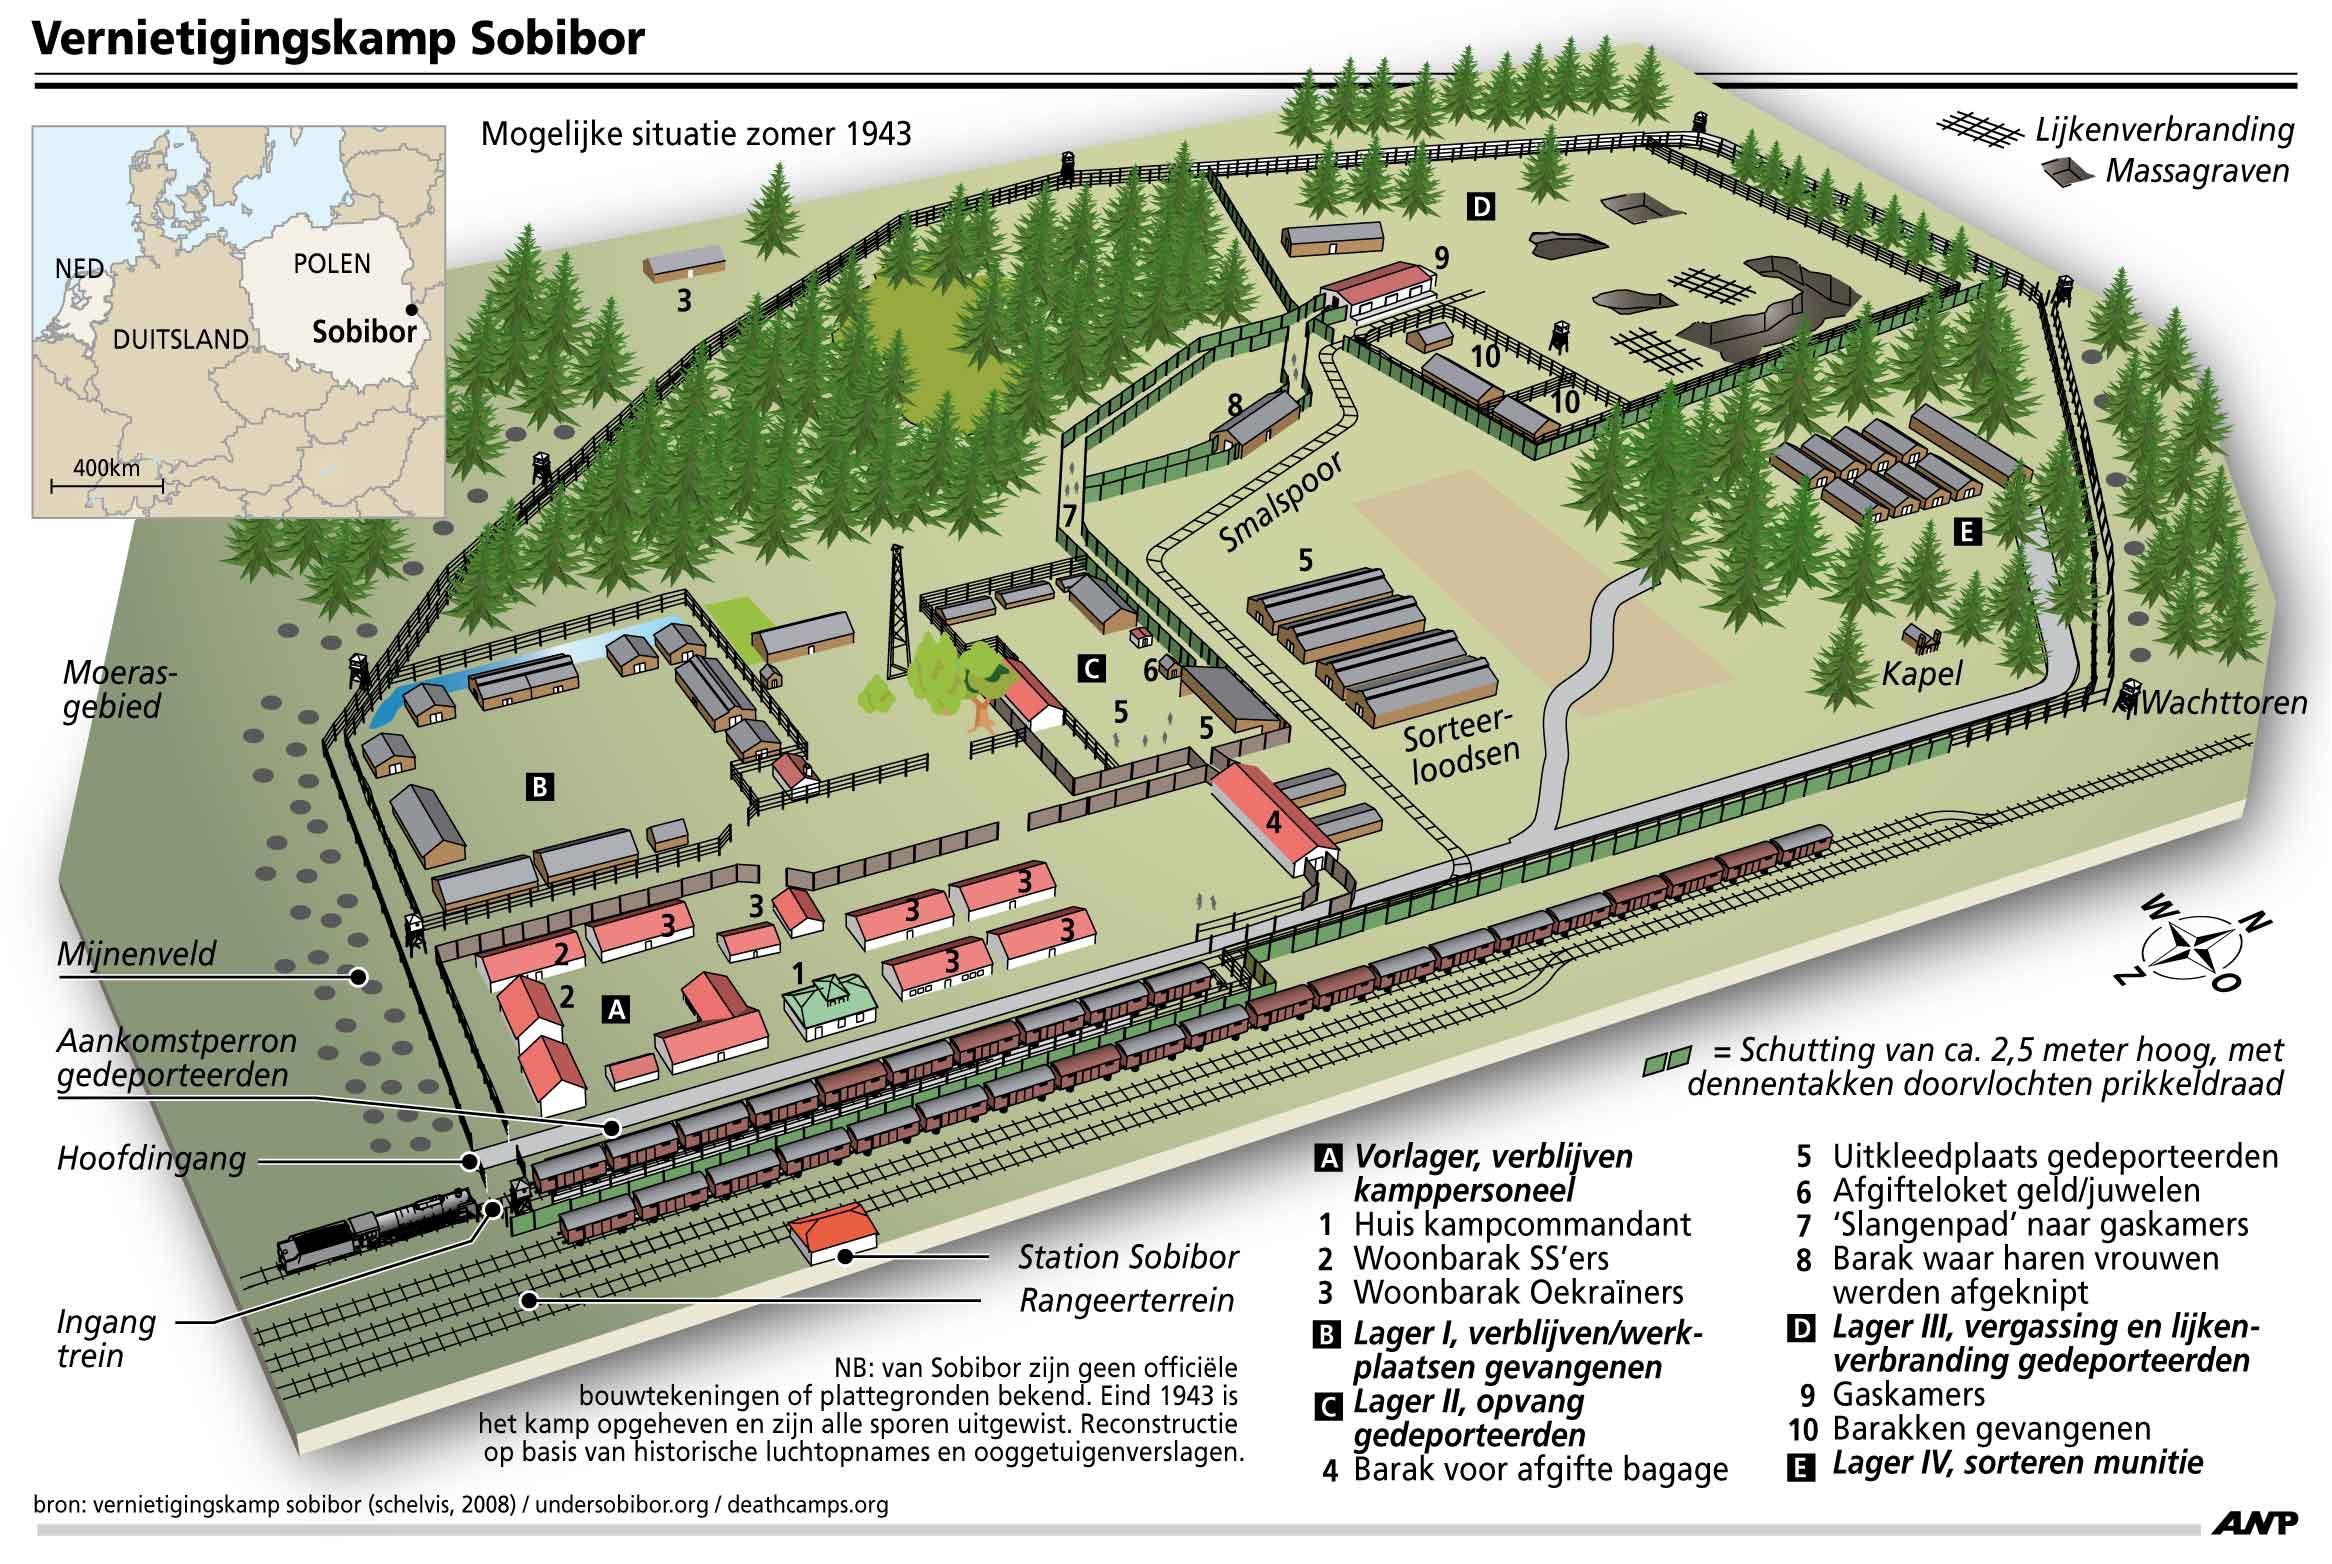 Карта Собибора согласно принятой версии (газовые камеры и места захоронения расположены в верхней правой части)